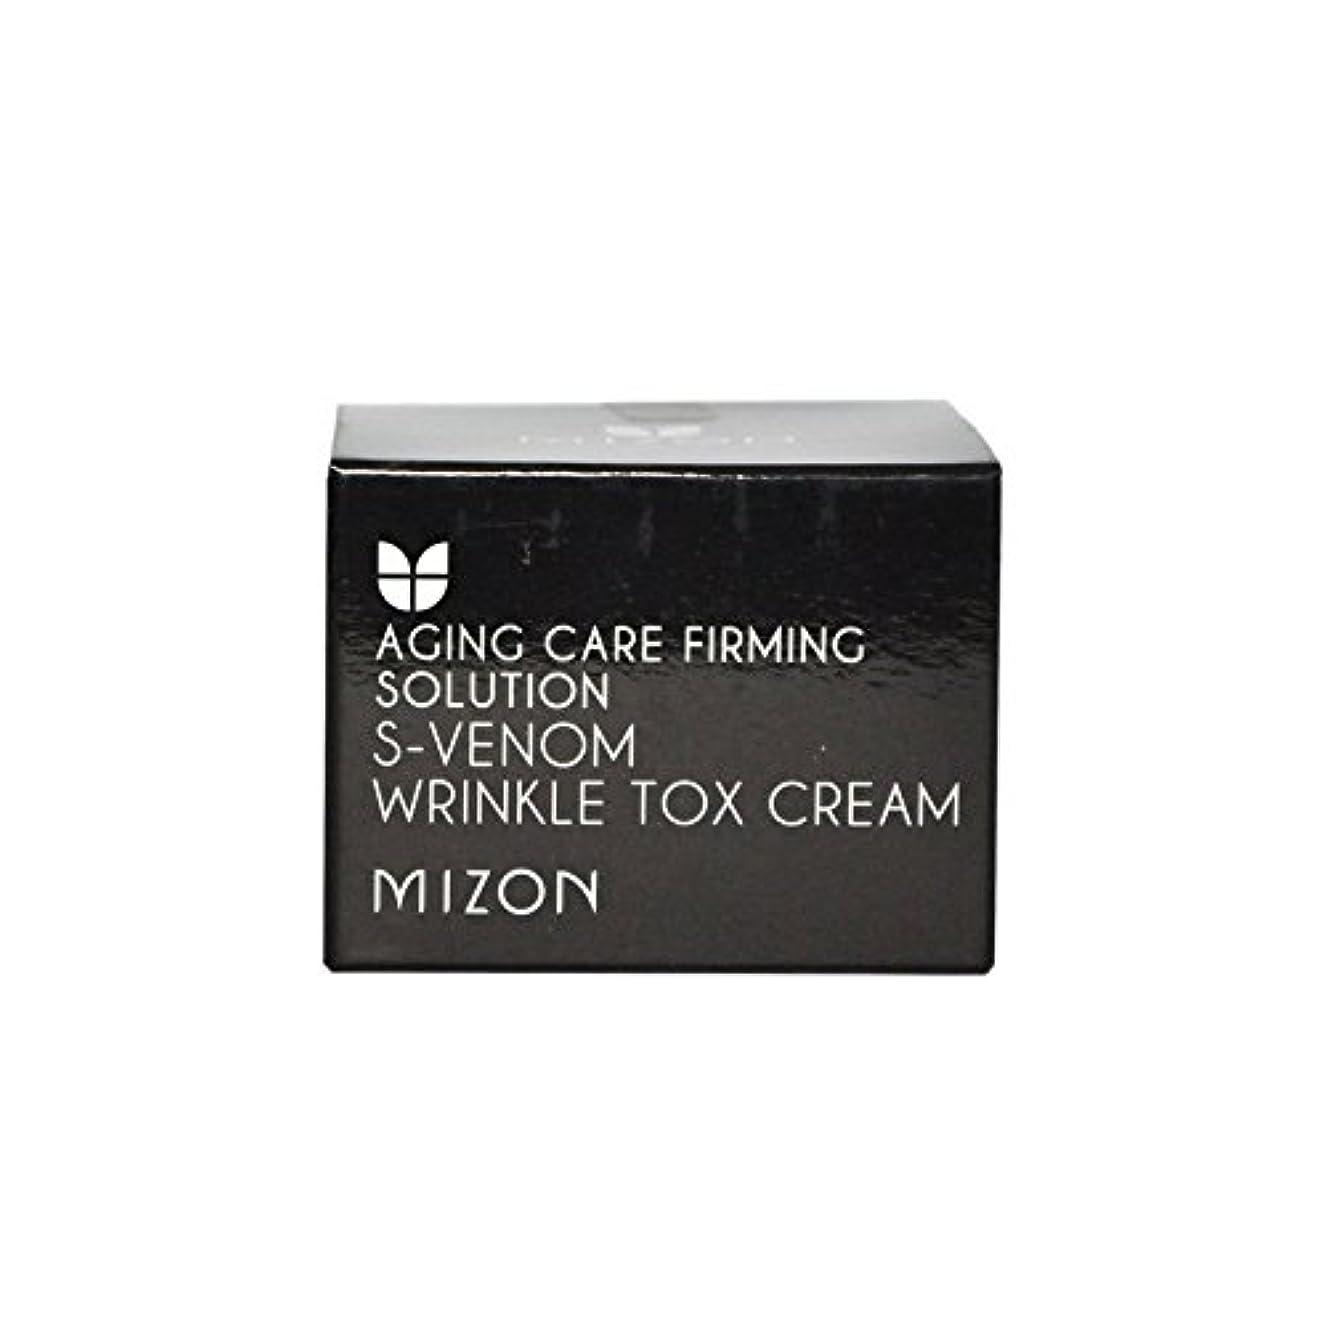 汚染されたサロン公使館Mizon S Venom Wrinkle Tox Cream - の毒リンクルトックスクリーム [並行輸入品]